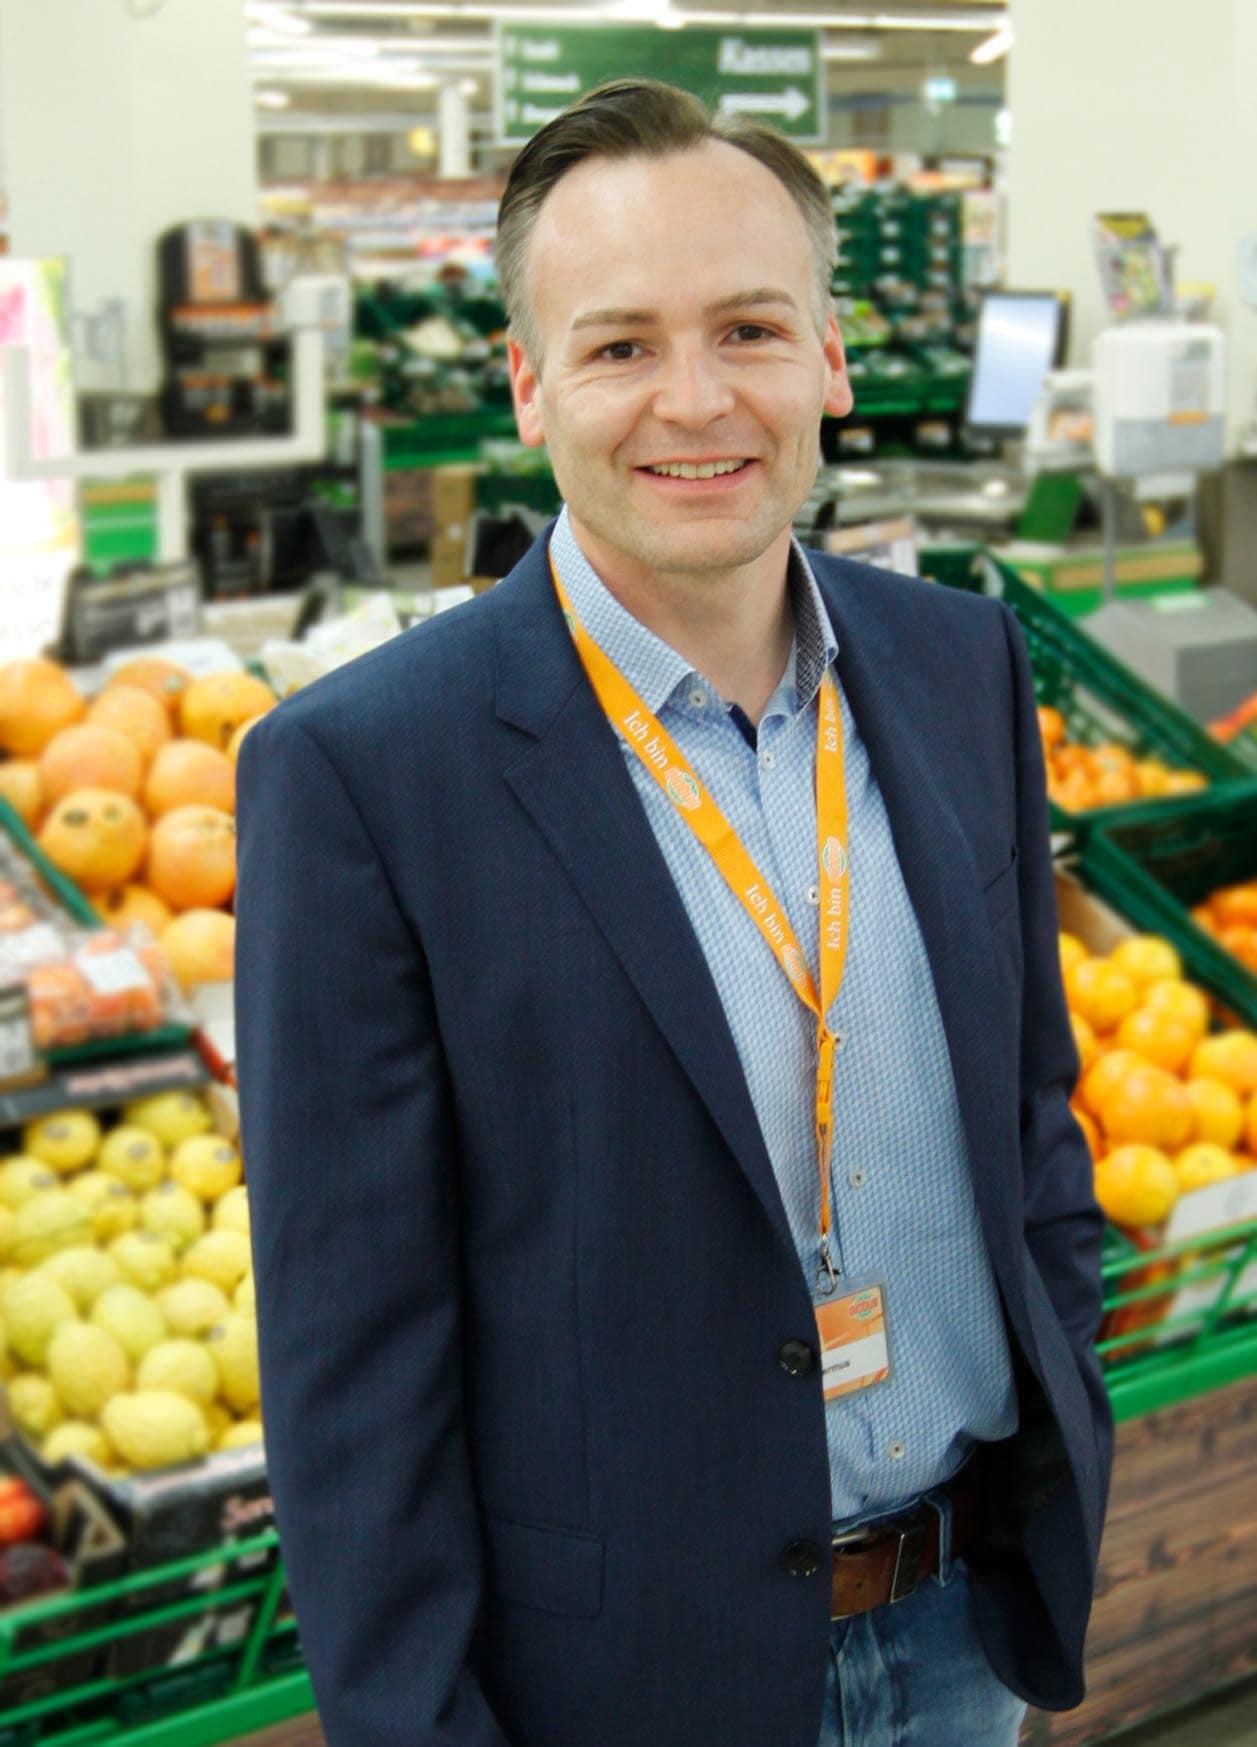 Michael Hermus ist neuer Geschäftsleiter im Globus Neutraubling Erster Ansprechpartner für die Kunden